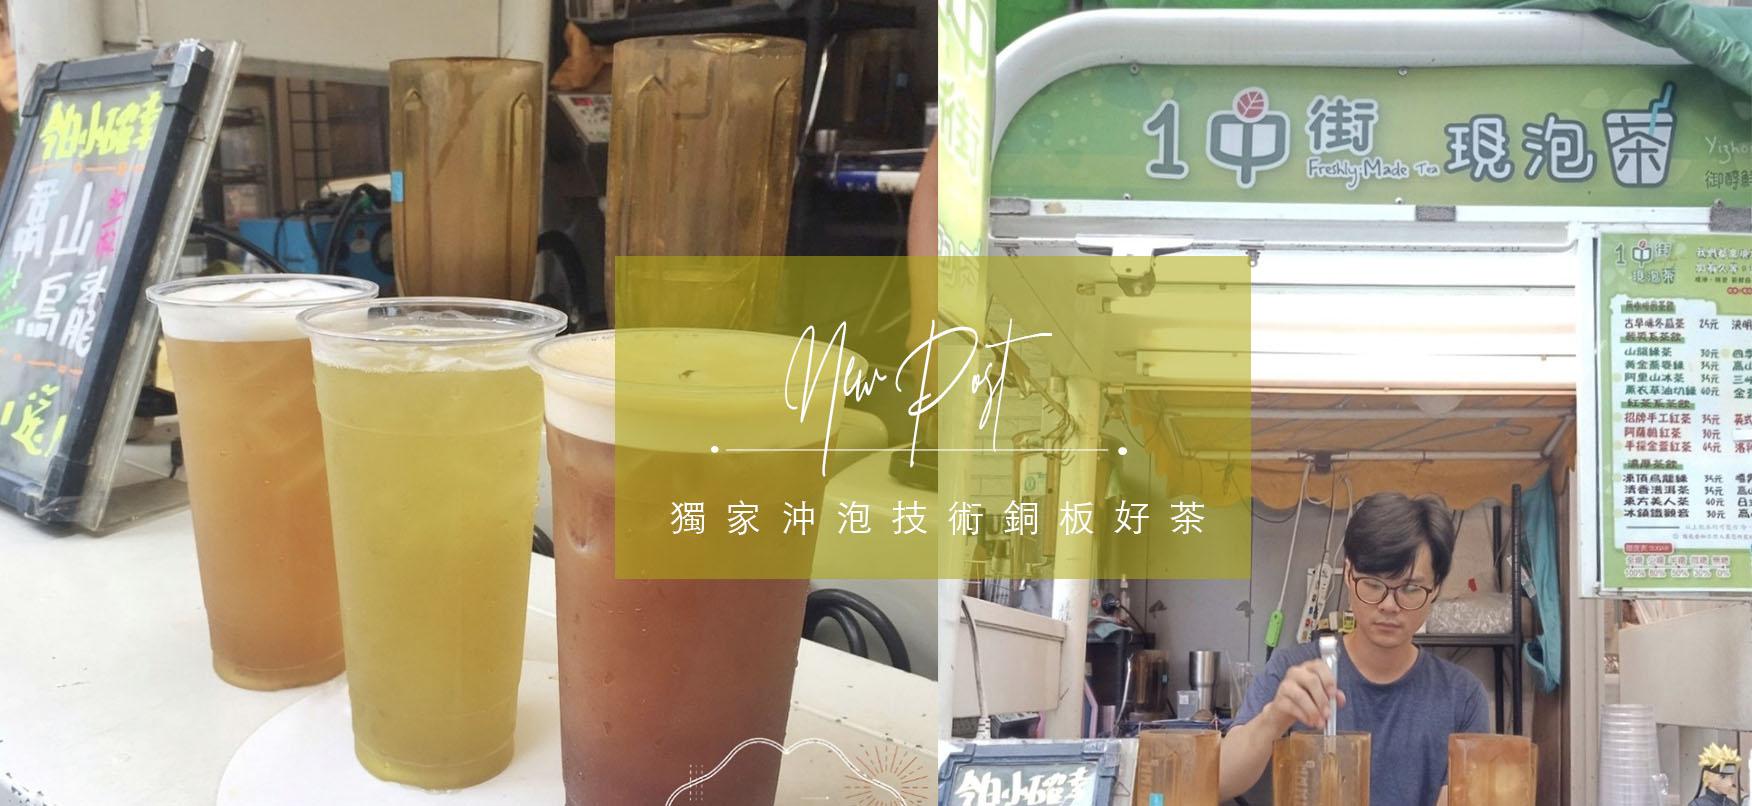 一中現泡茶 | 透心涼!獨家沖泡技術,不能錯過的絕妙好茶